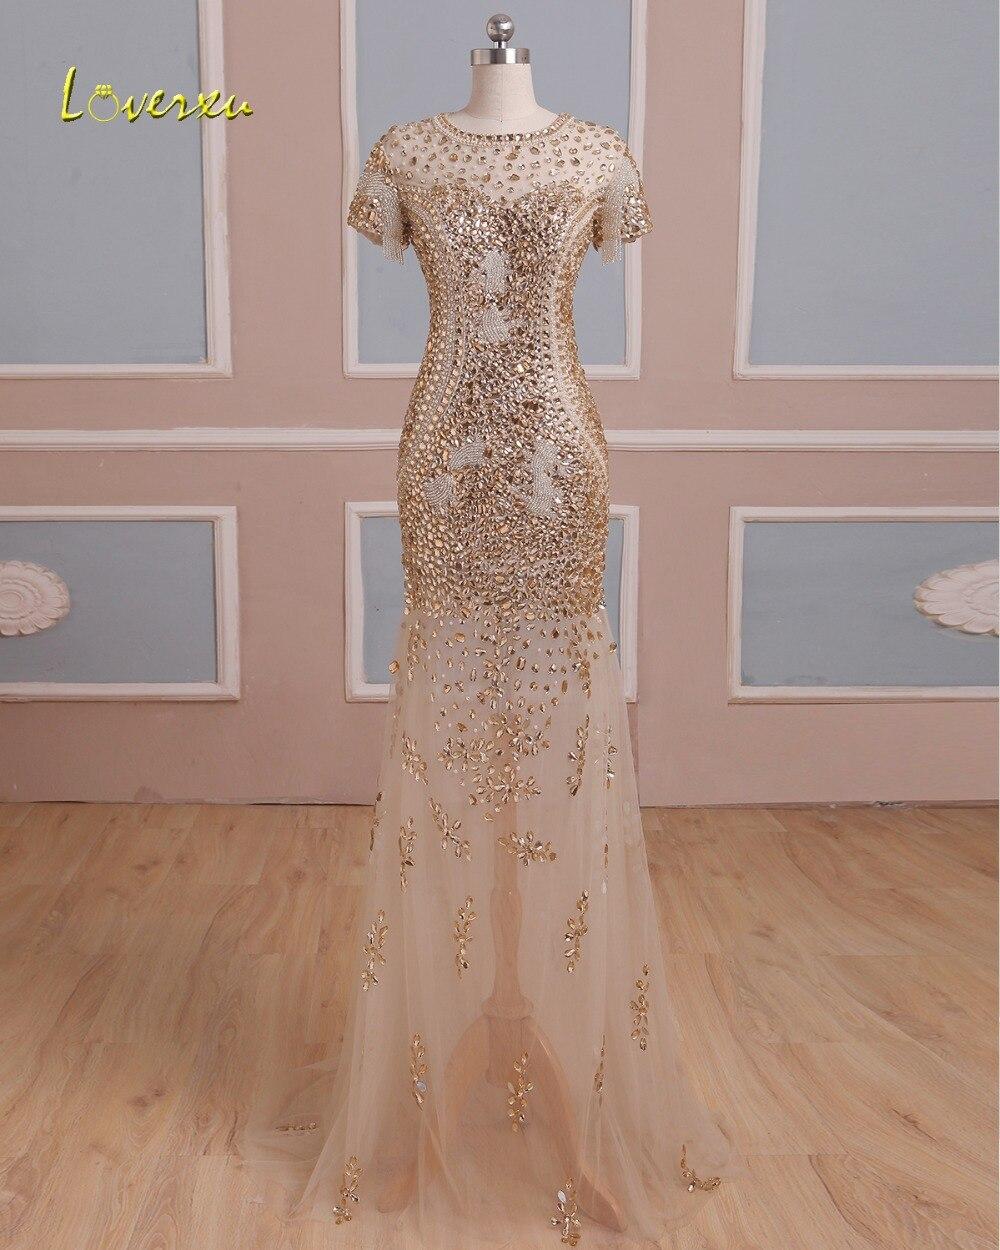 Loverxu luxe perlée à manches courtes cristal sirène Robe De soirée 2019 Vintage o-cou Zipper Robe De soirée Robe De soirée grande taille